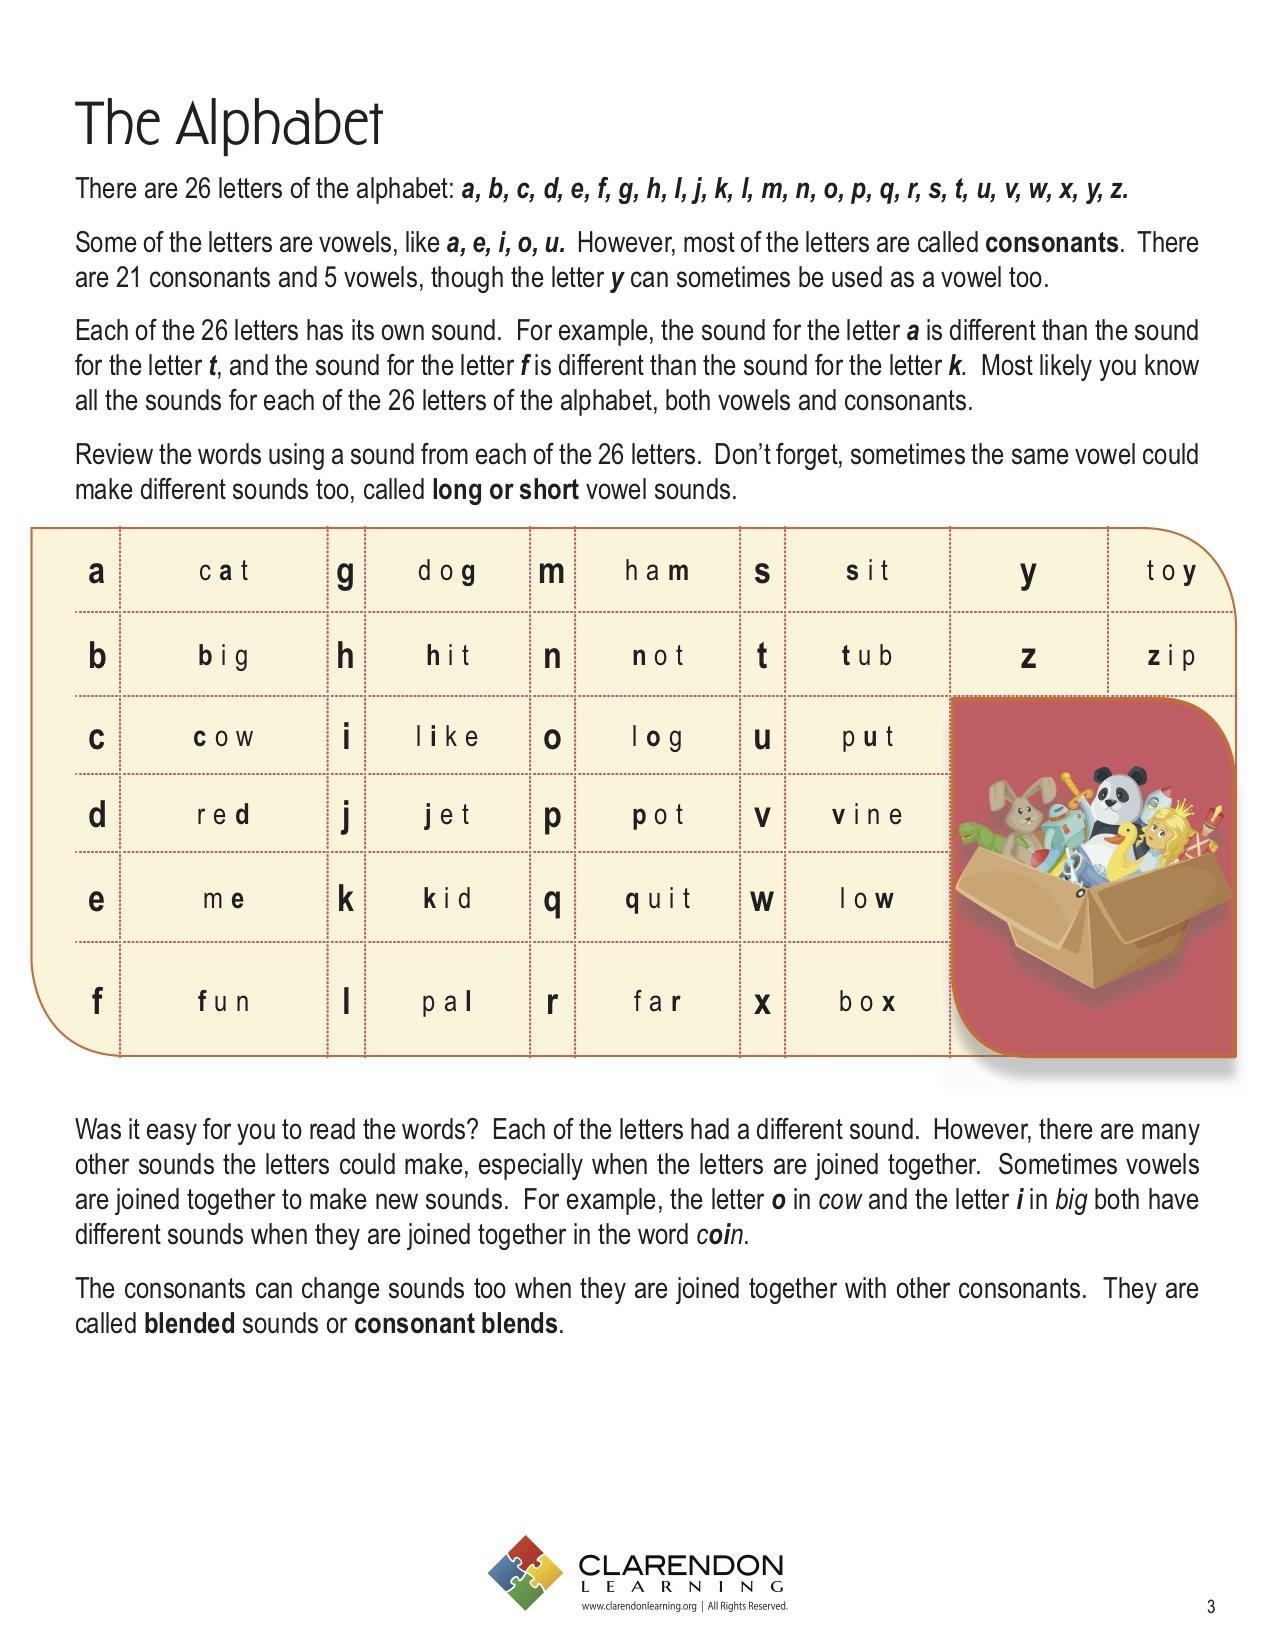 Consonant Blends Worksheets 3rd Grade Consonant Blends 2 Letter Lesson Plan